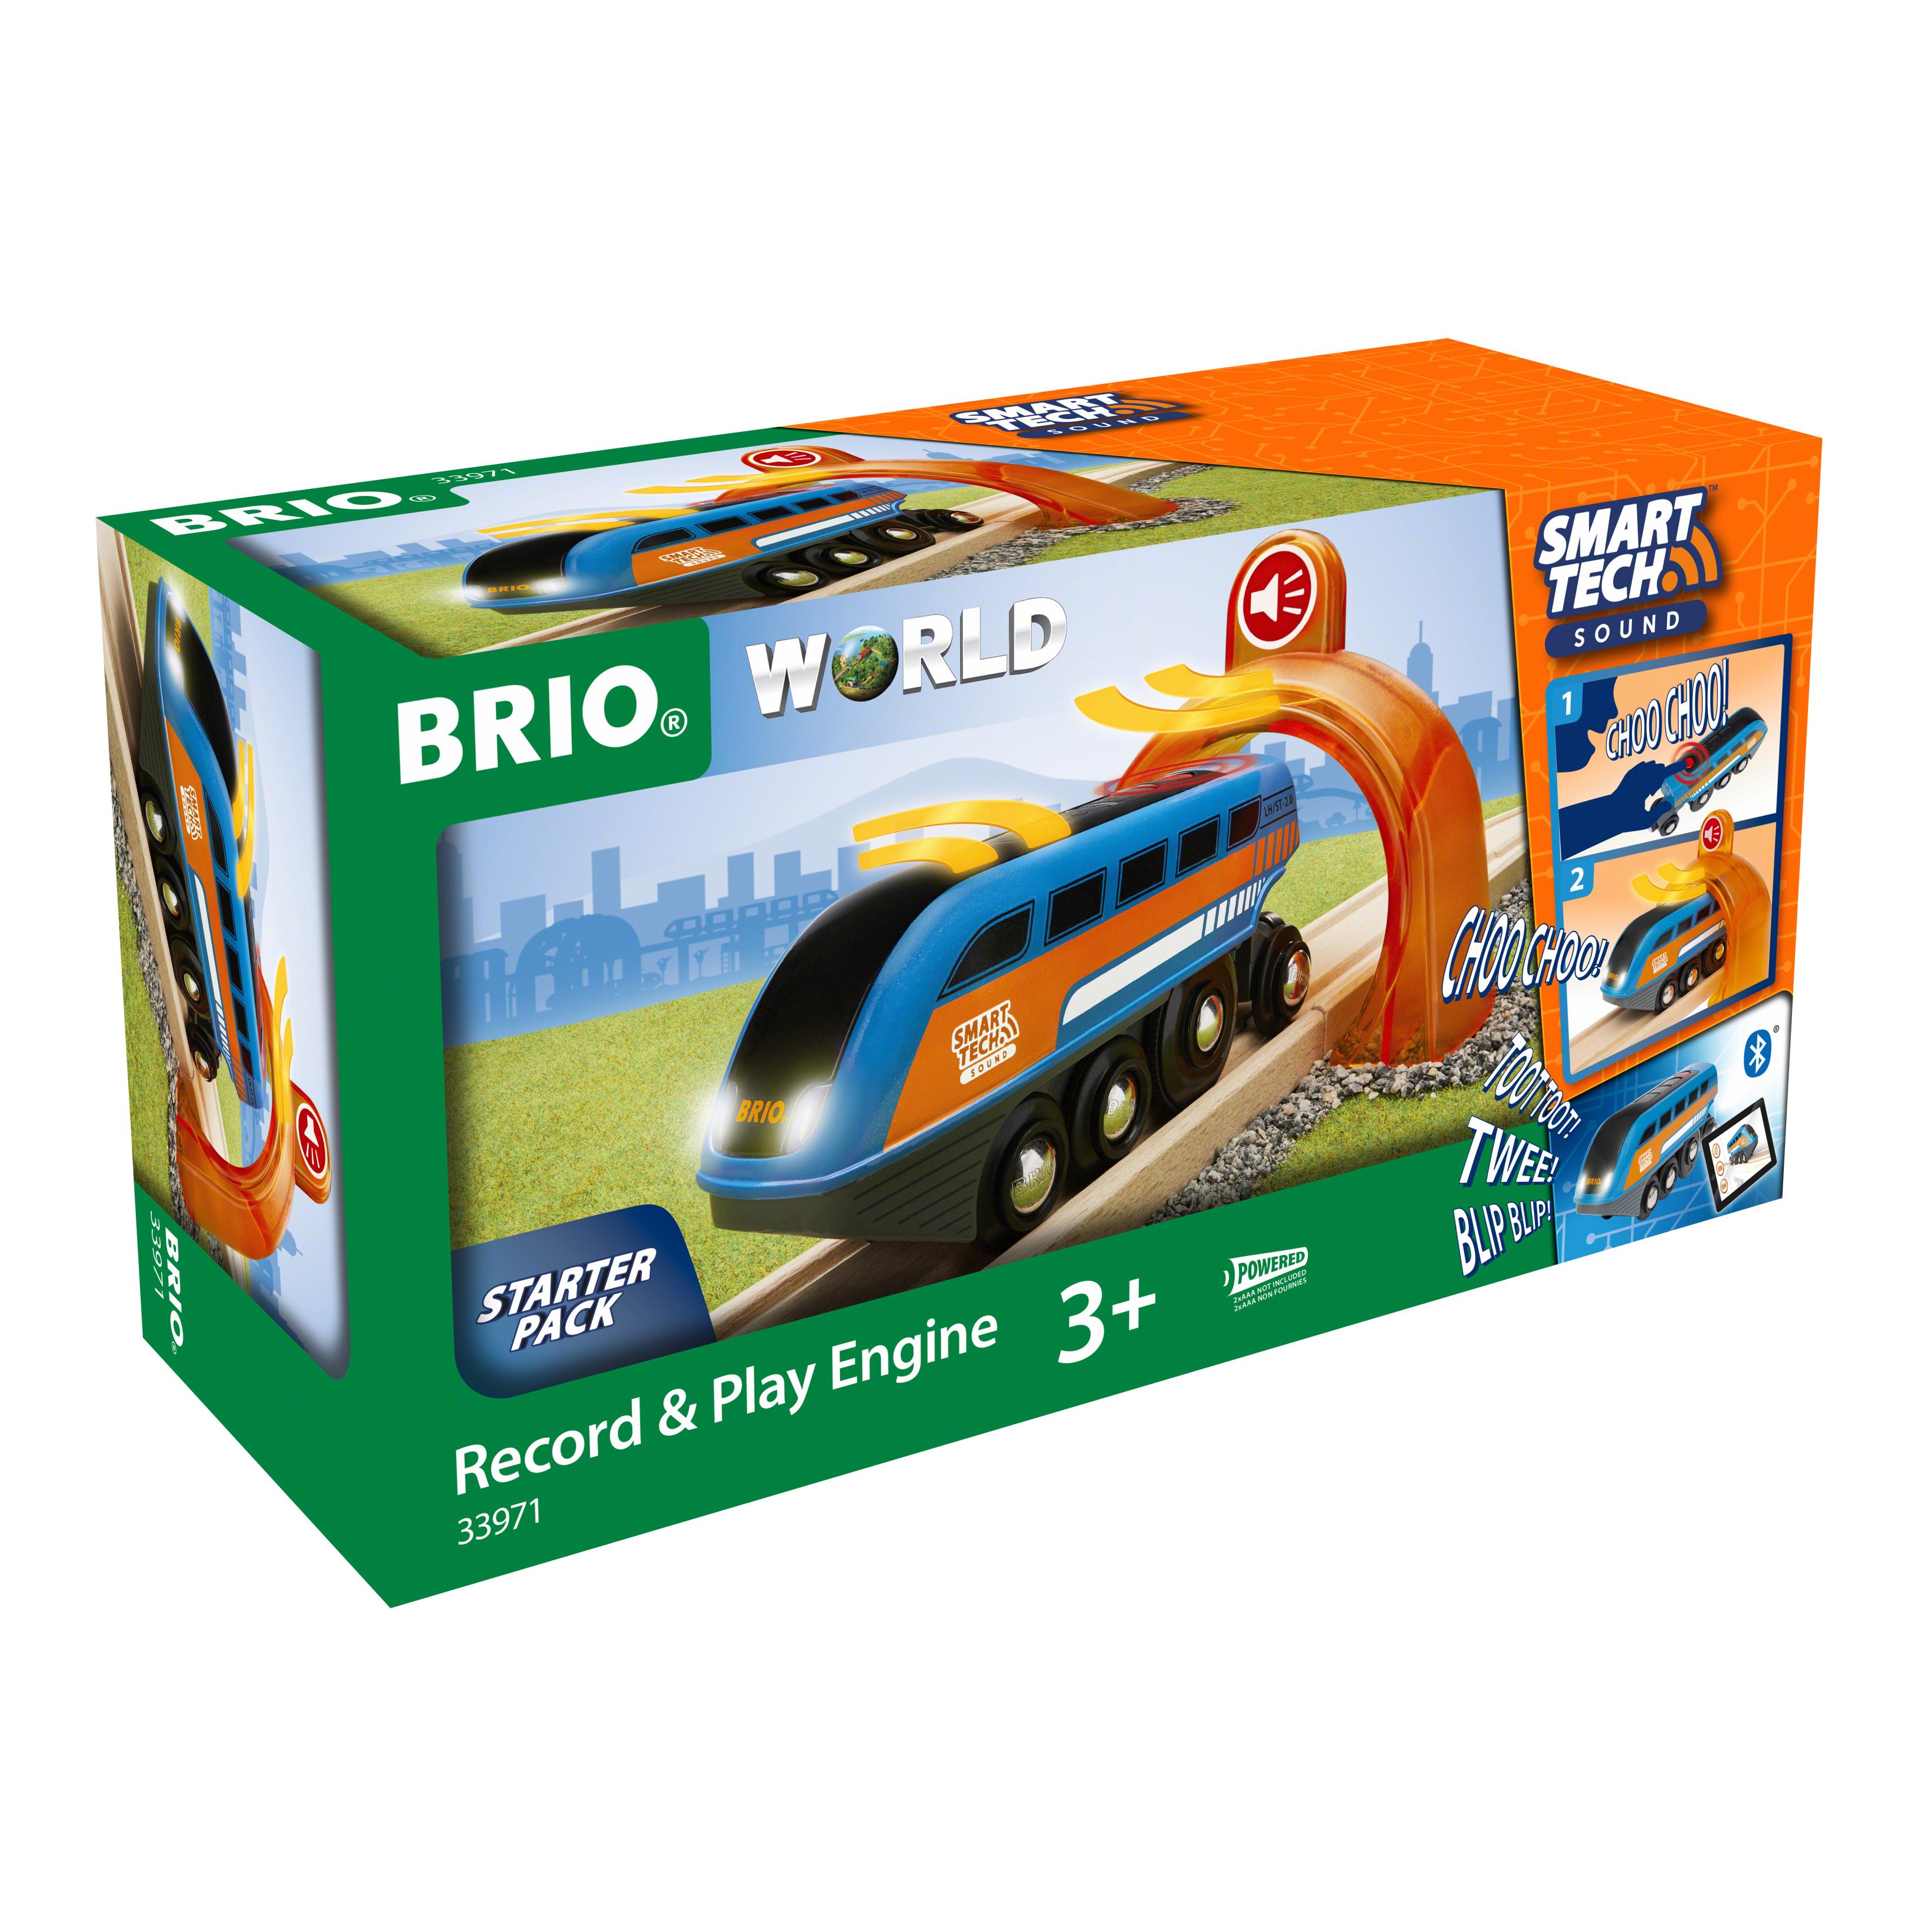 BRIO - Smart Tech Starter Set Race control tower (33971)